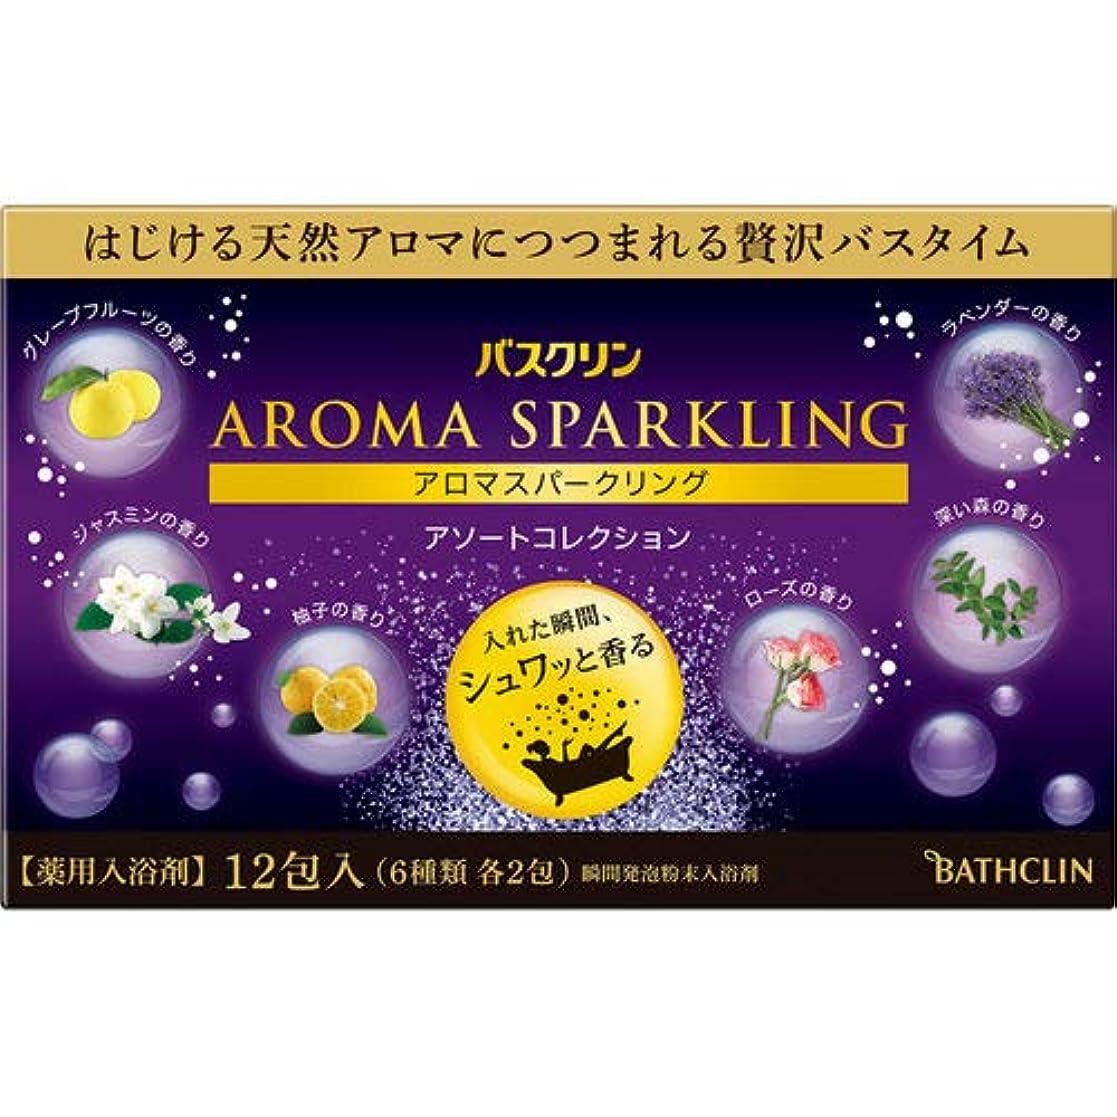 雪キャンディーマリナーバスクリン アロマスパークリング アソートコレクション 30g×12包